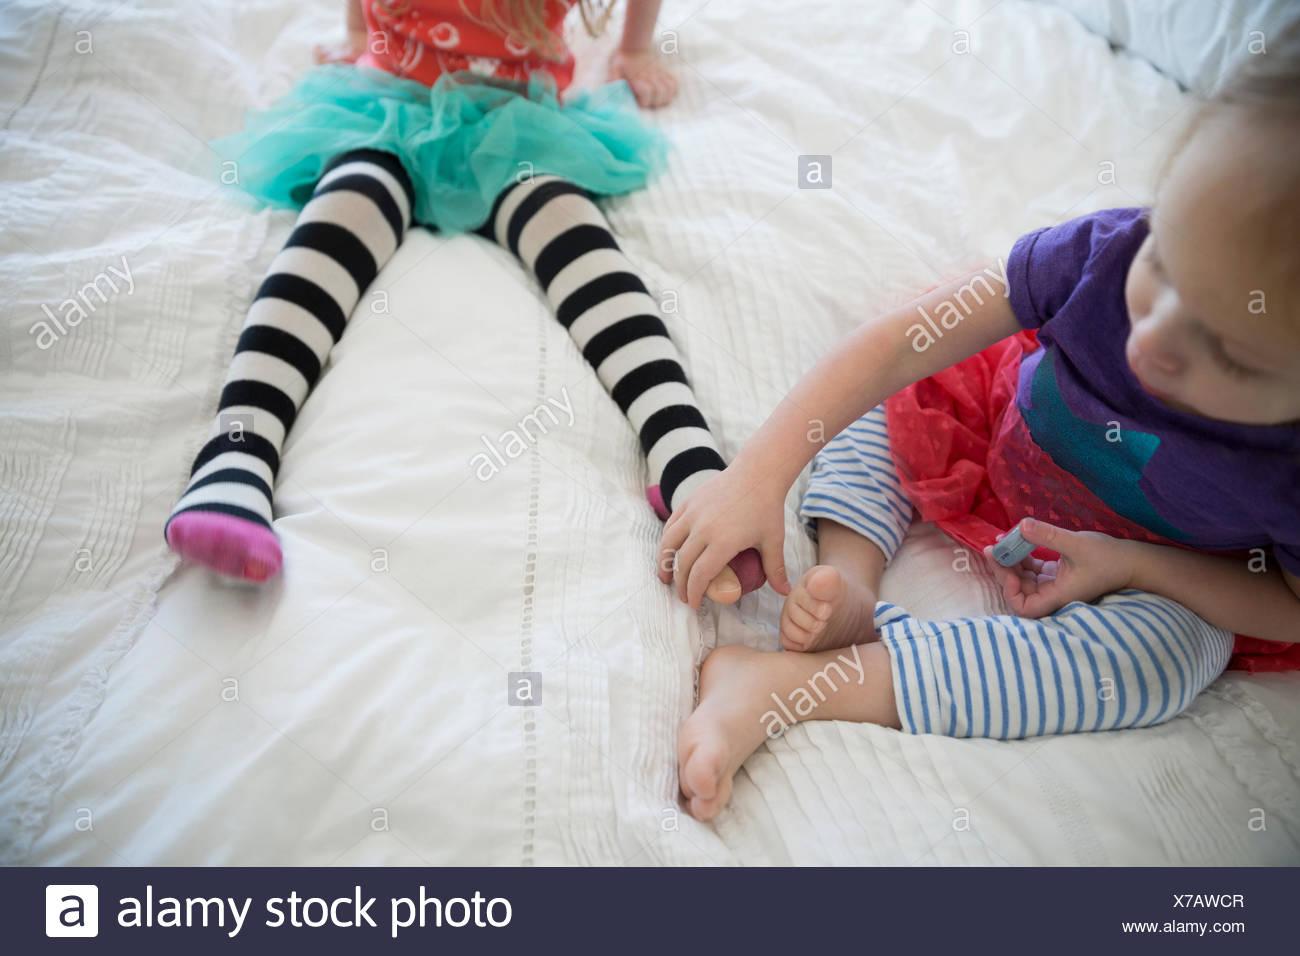 Schwestern in gestreiften Leggings auf Bett Stockbild